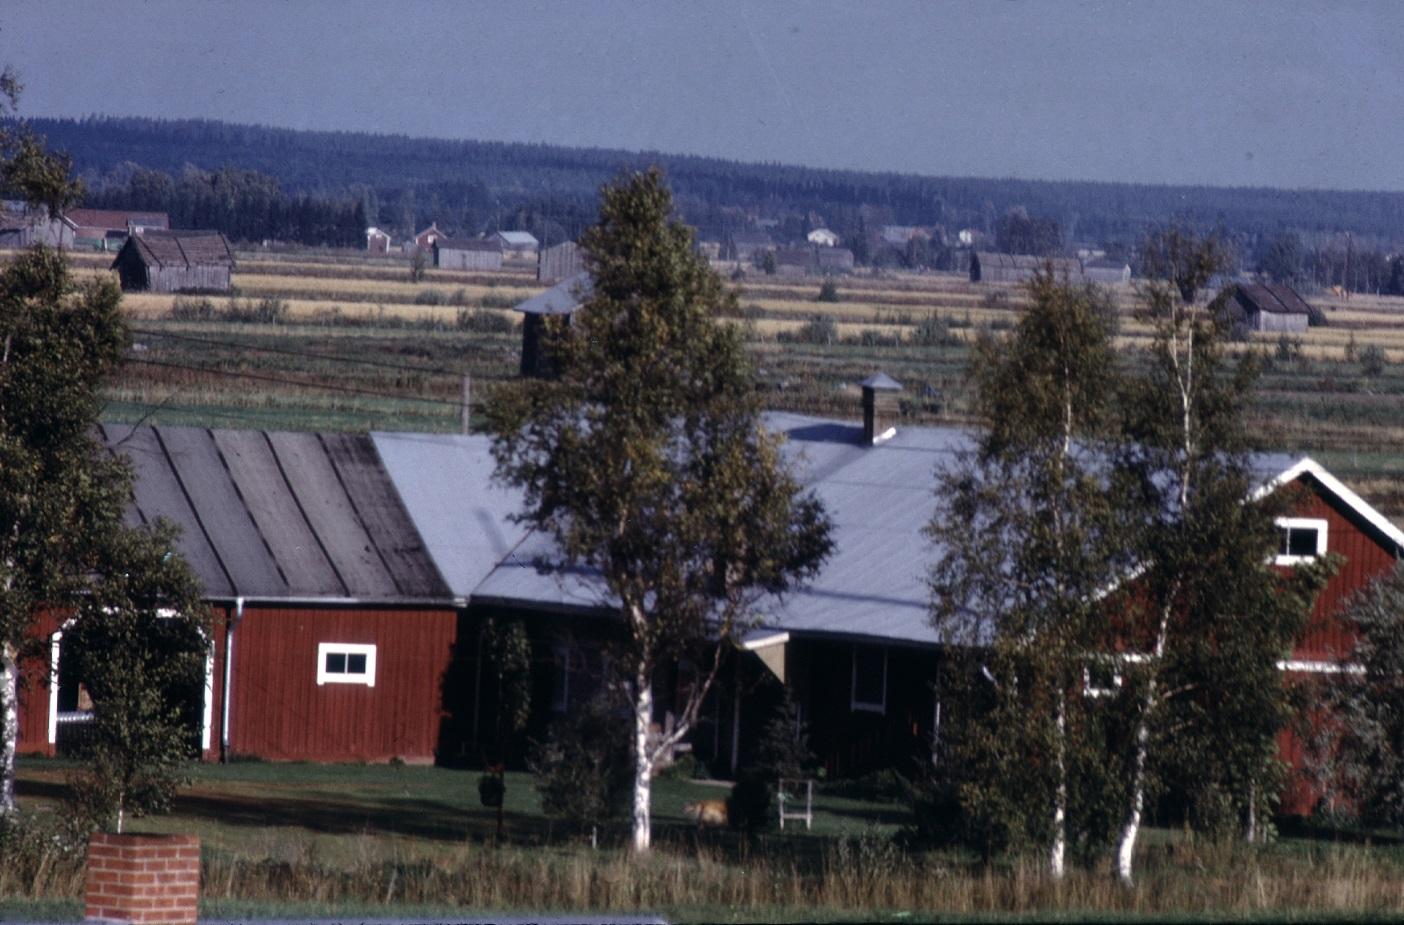 Bakom Storkulls uthus breder åkrarna ut sig på Åbackan. Fotot från lokaltaket 1974.